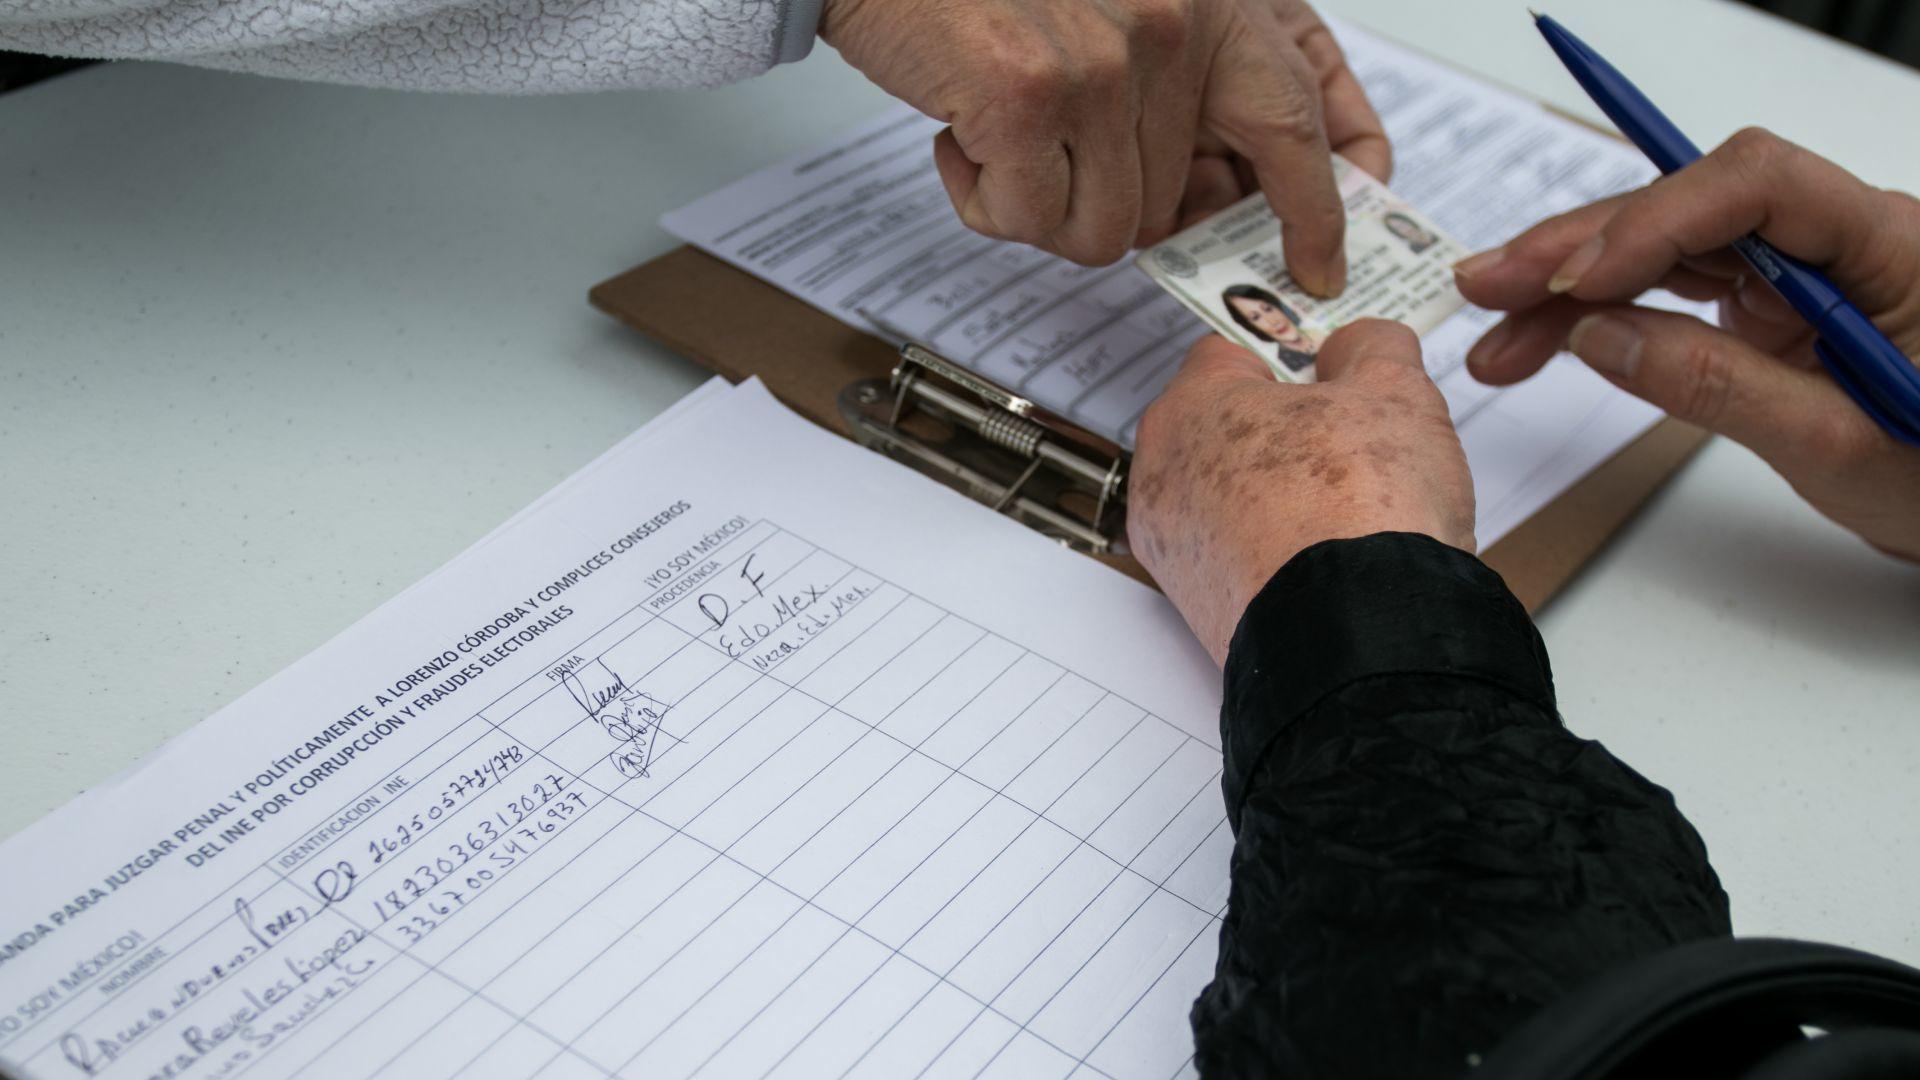 Aprobaron el formato de recolección de firmas para consulta popular que  busca enjuiciar ex presidentes - Infobae